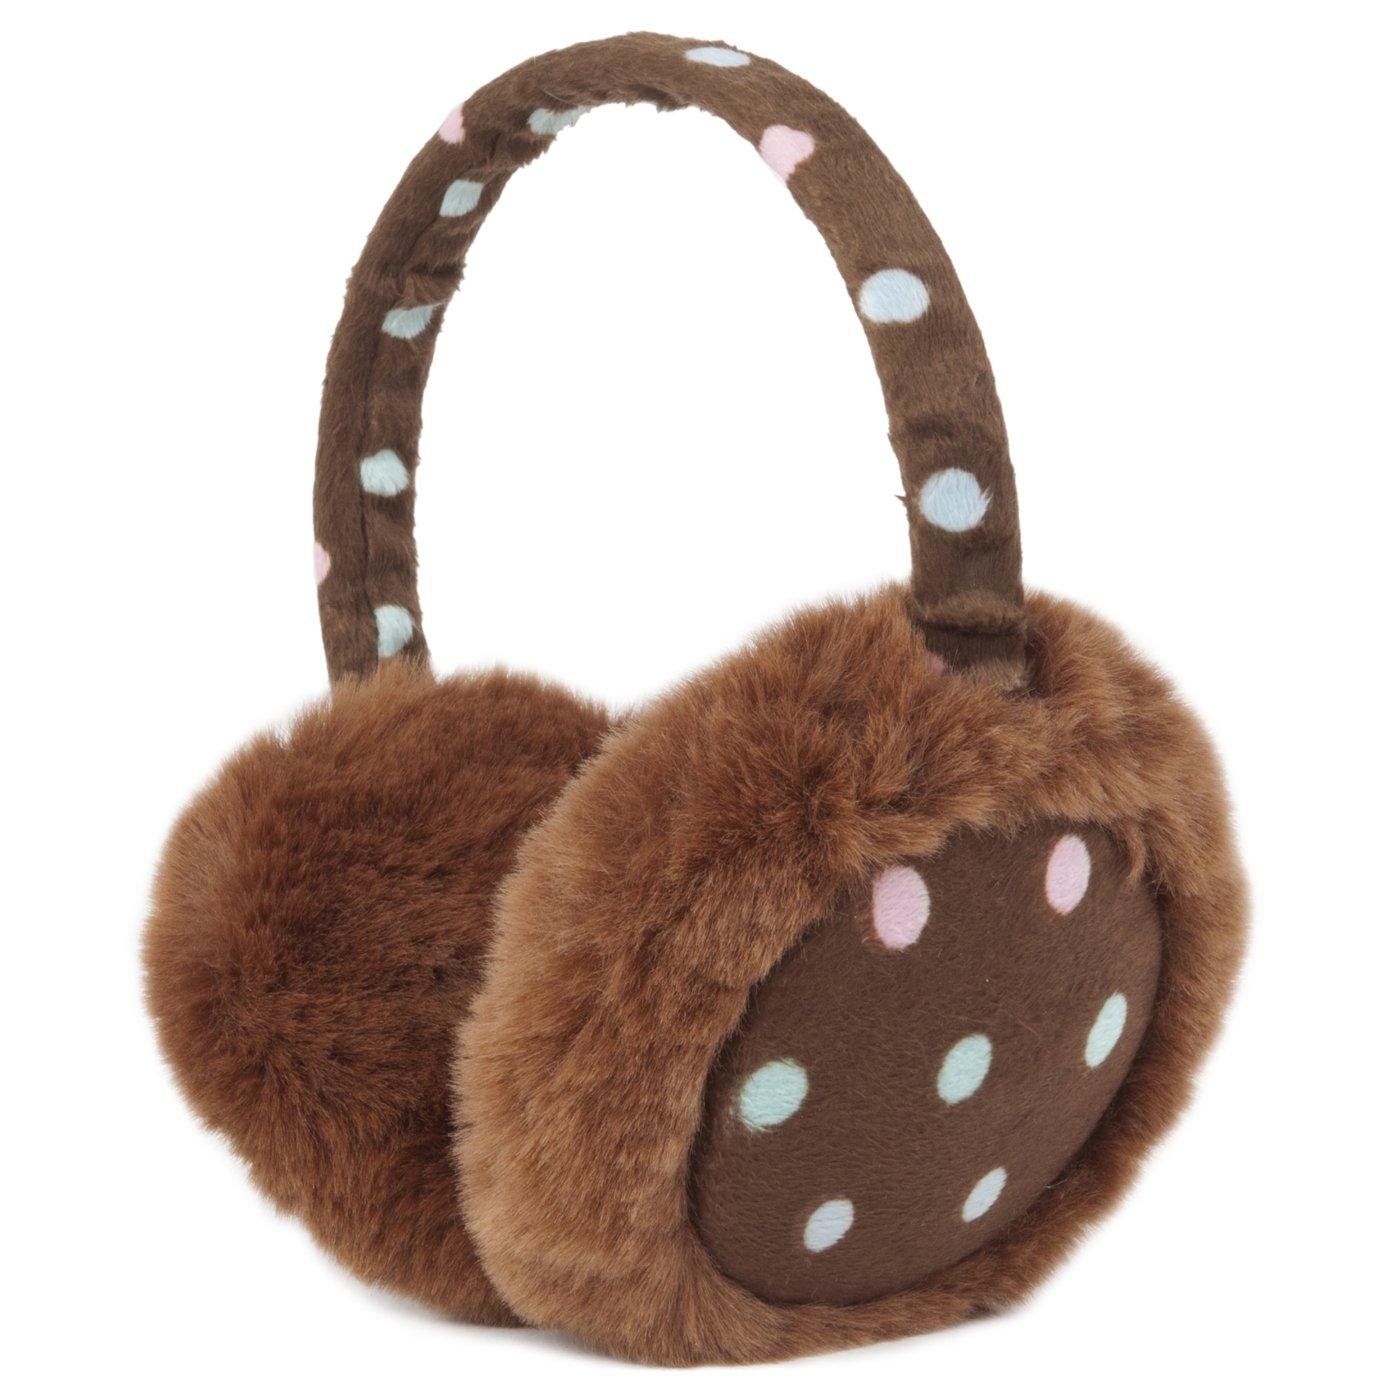 Momo Grow Katie Polka Dot Earmuffs (Adult & Kids) - Brown 220-144789-BRN